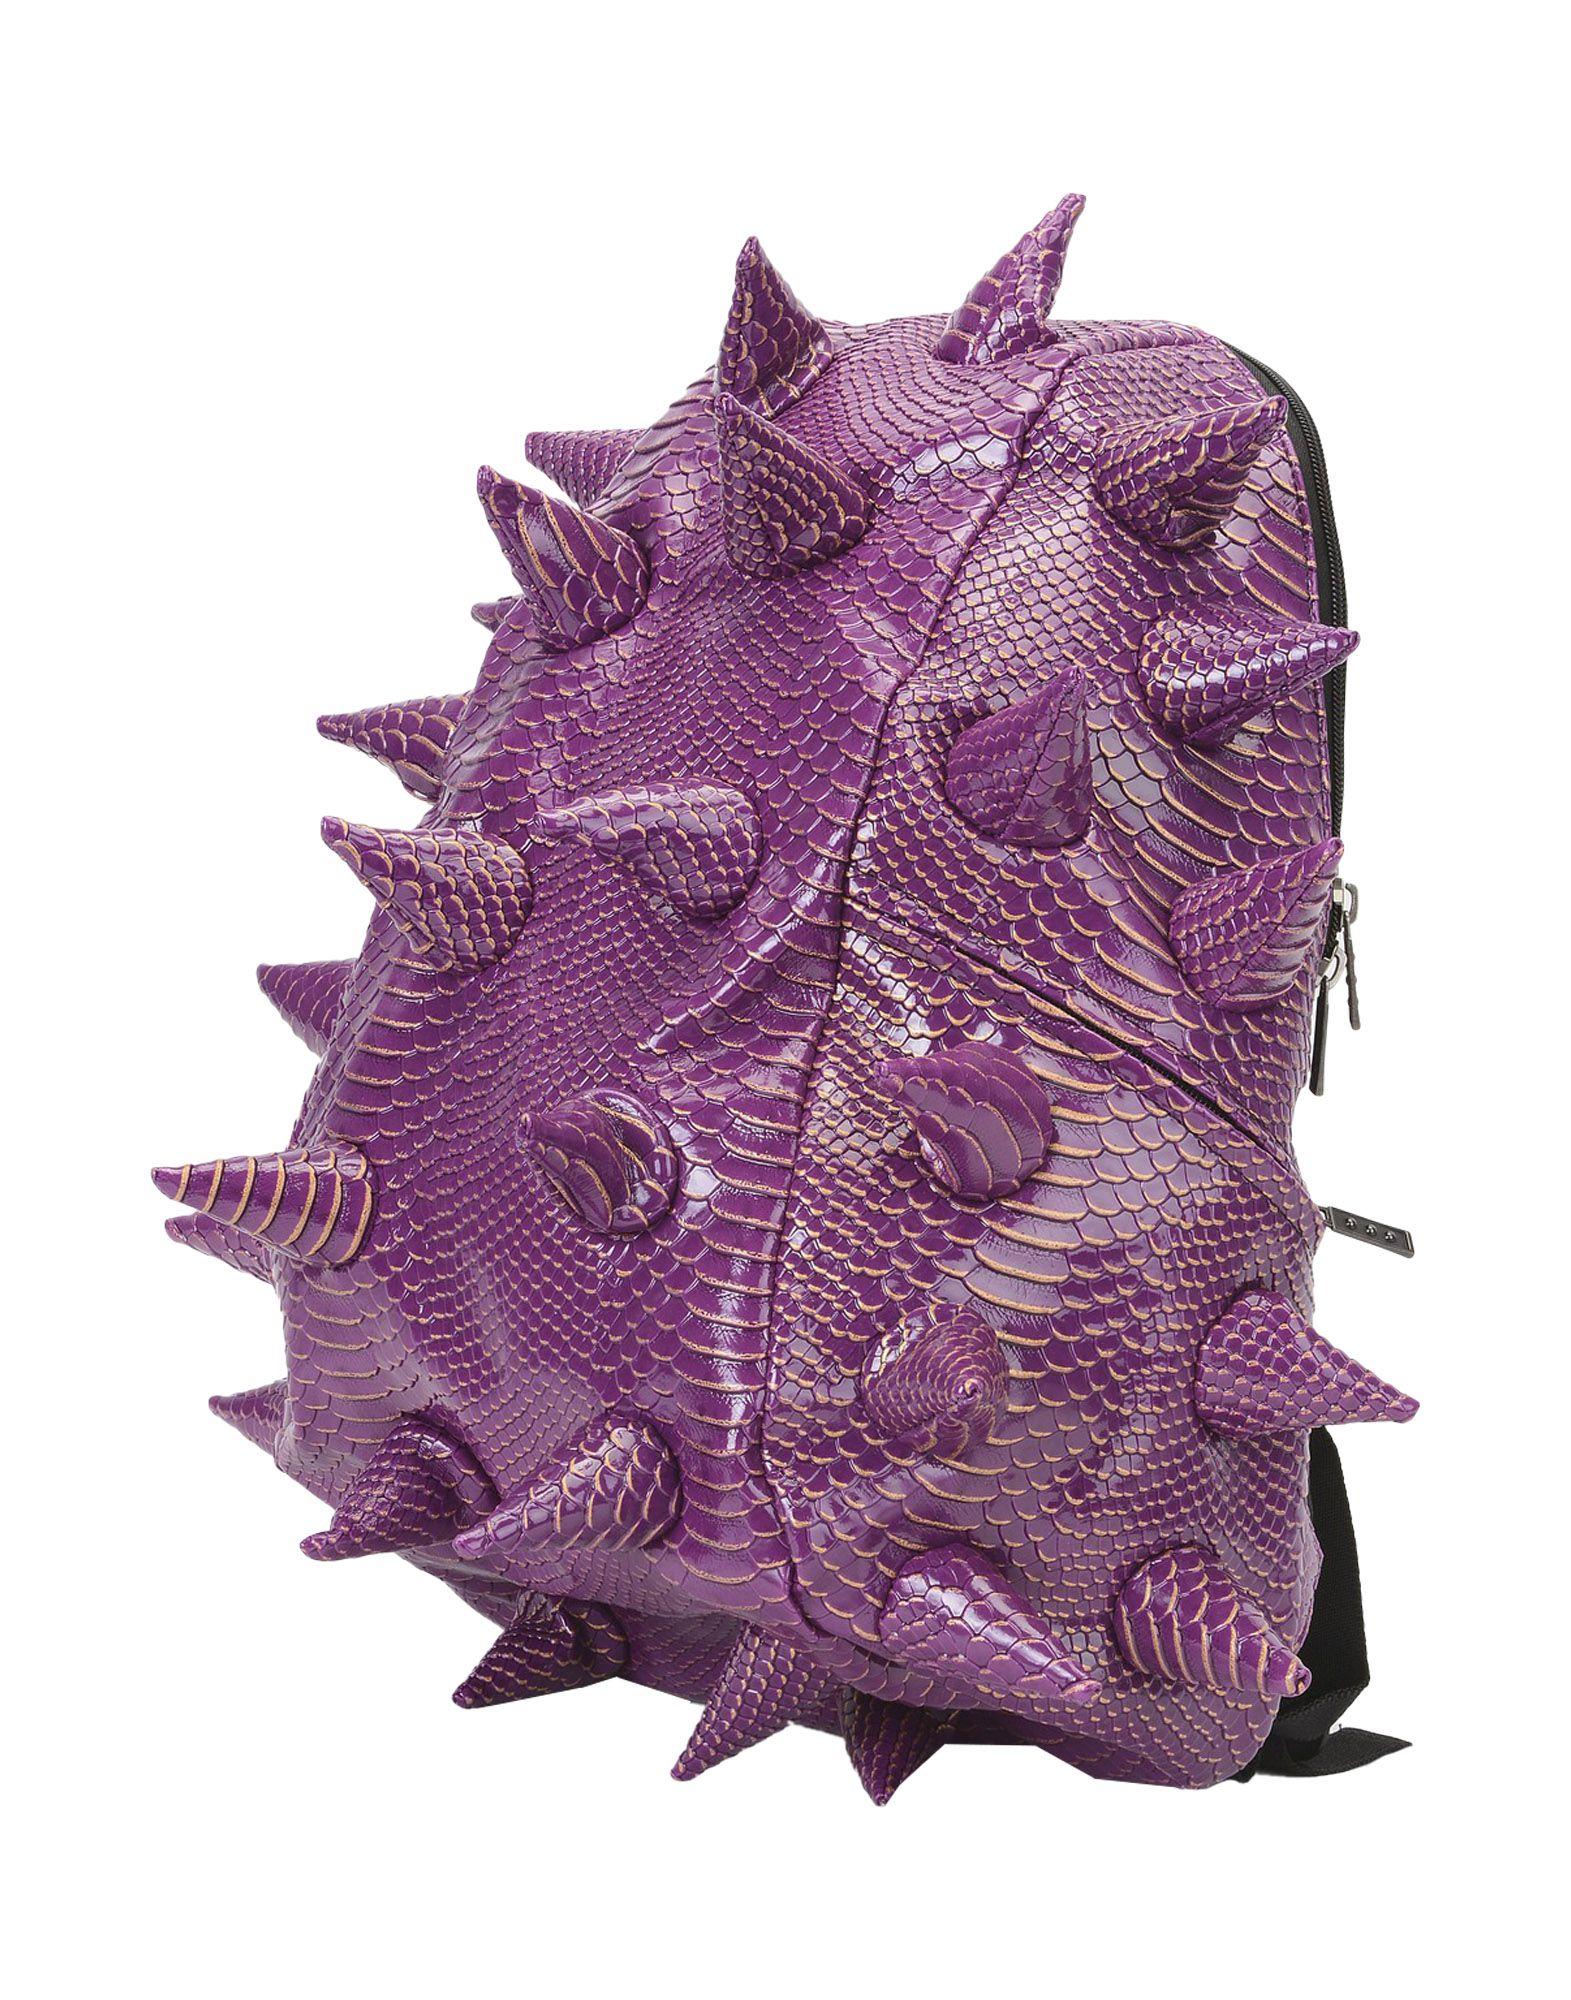 《送料無料》MAD PAX Unisex バックパック&ヒップバッグ パープル 紡績繊維